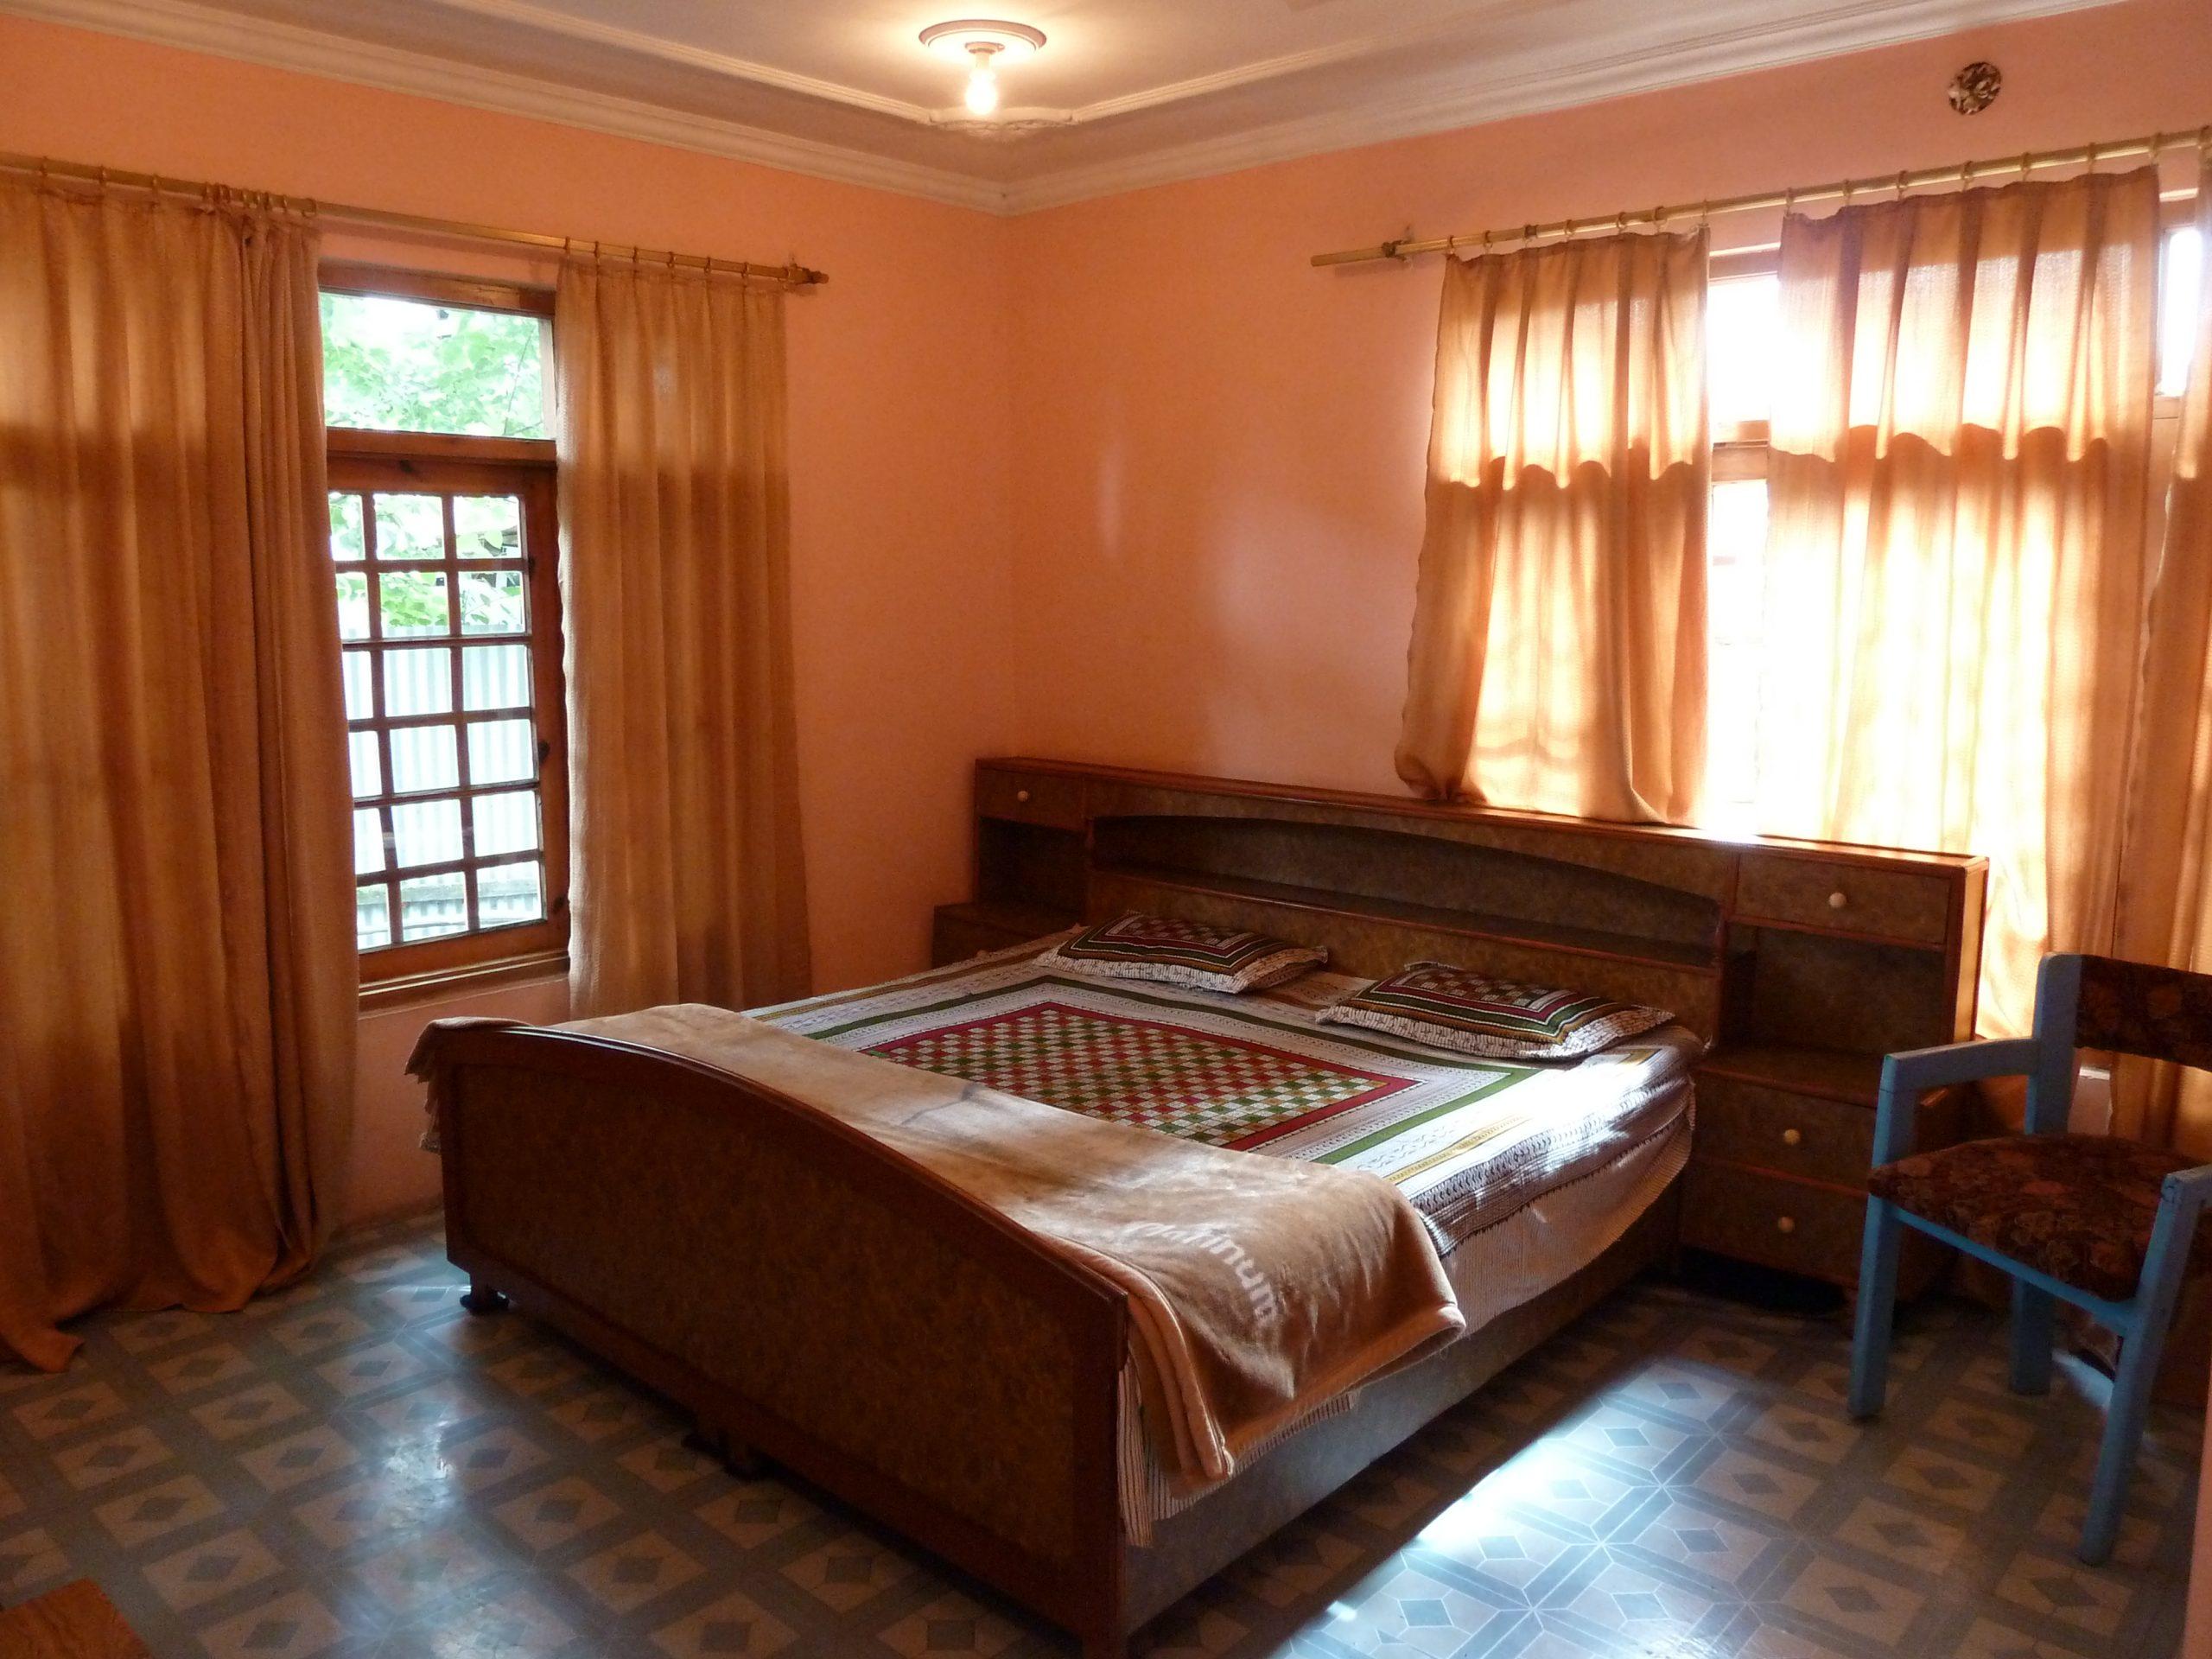 Radreise Ladakh 2012 - Zimmer in Srinagar